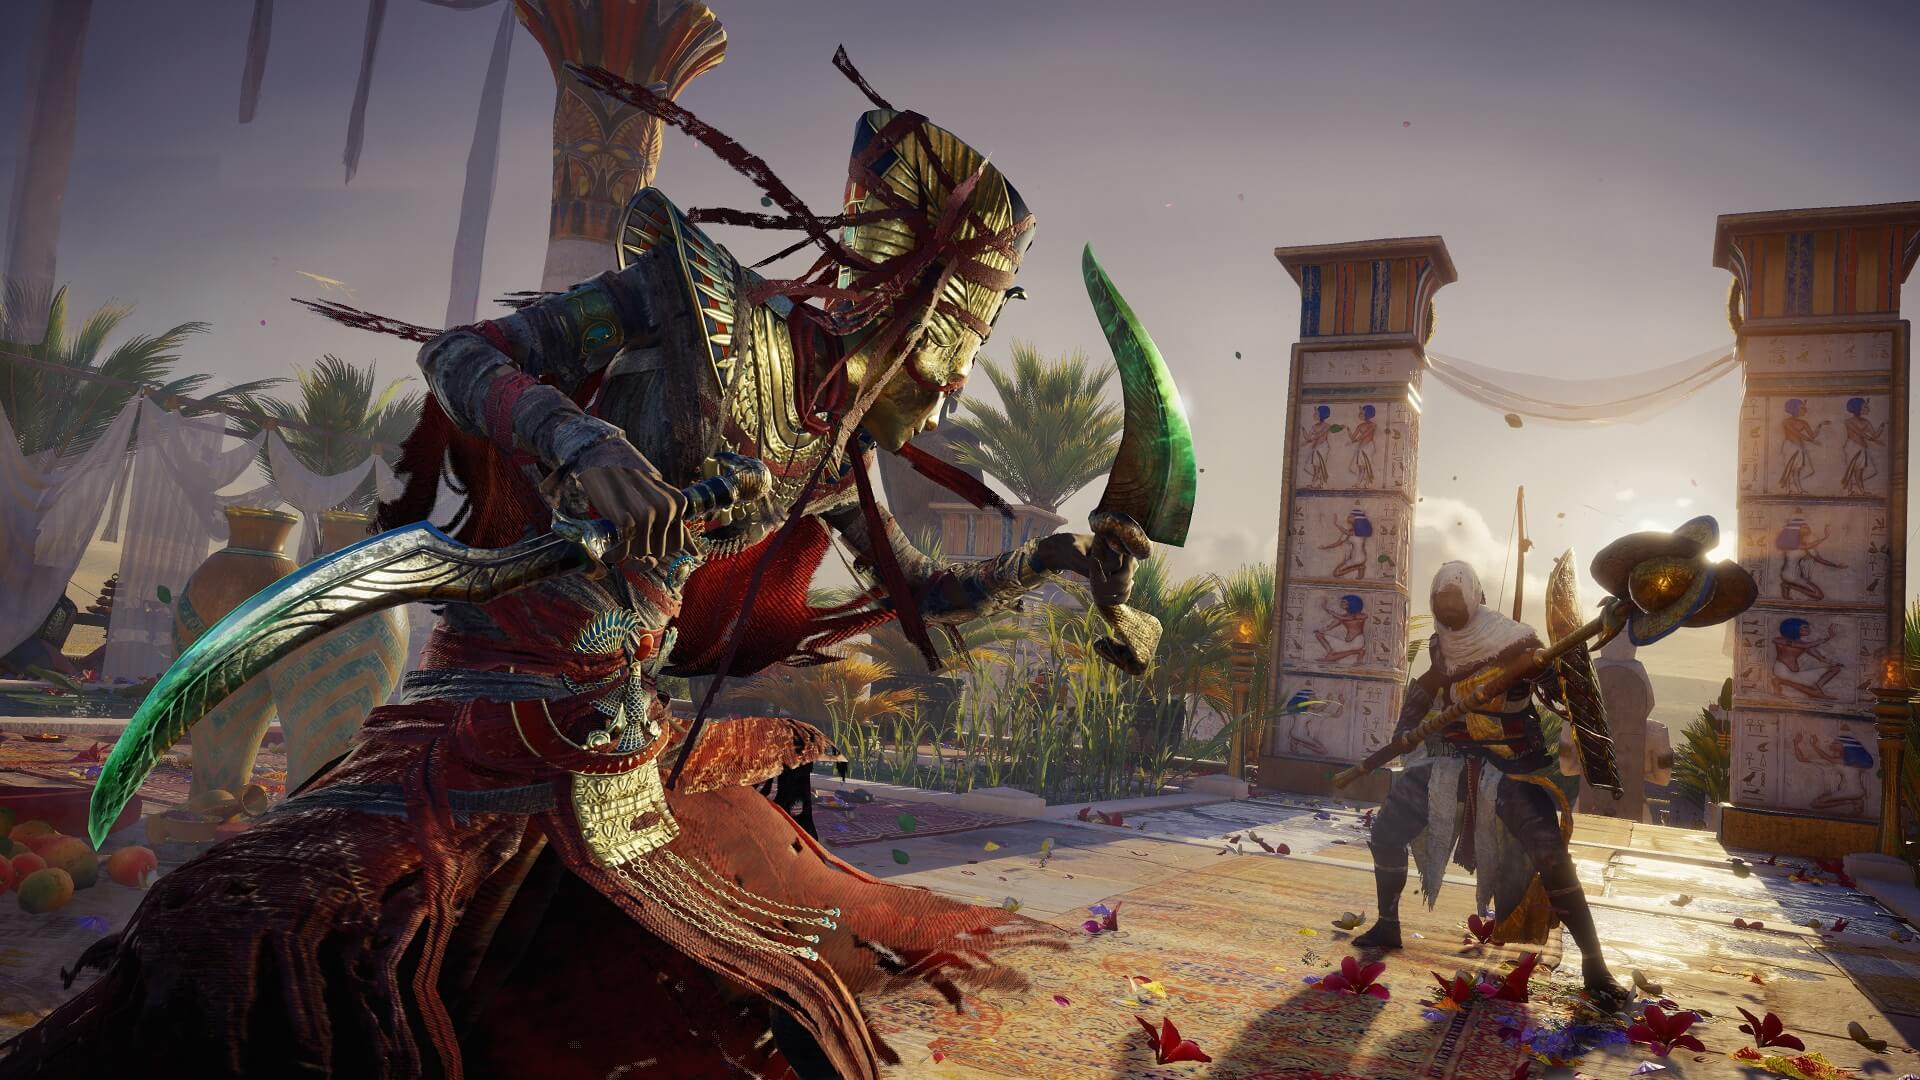 Релиз DLC Curse of the Pharaohs для AC: Origins отложен.